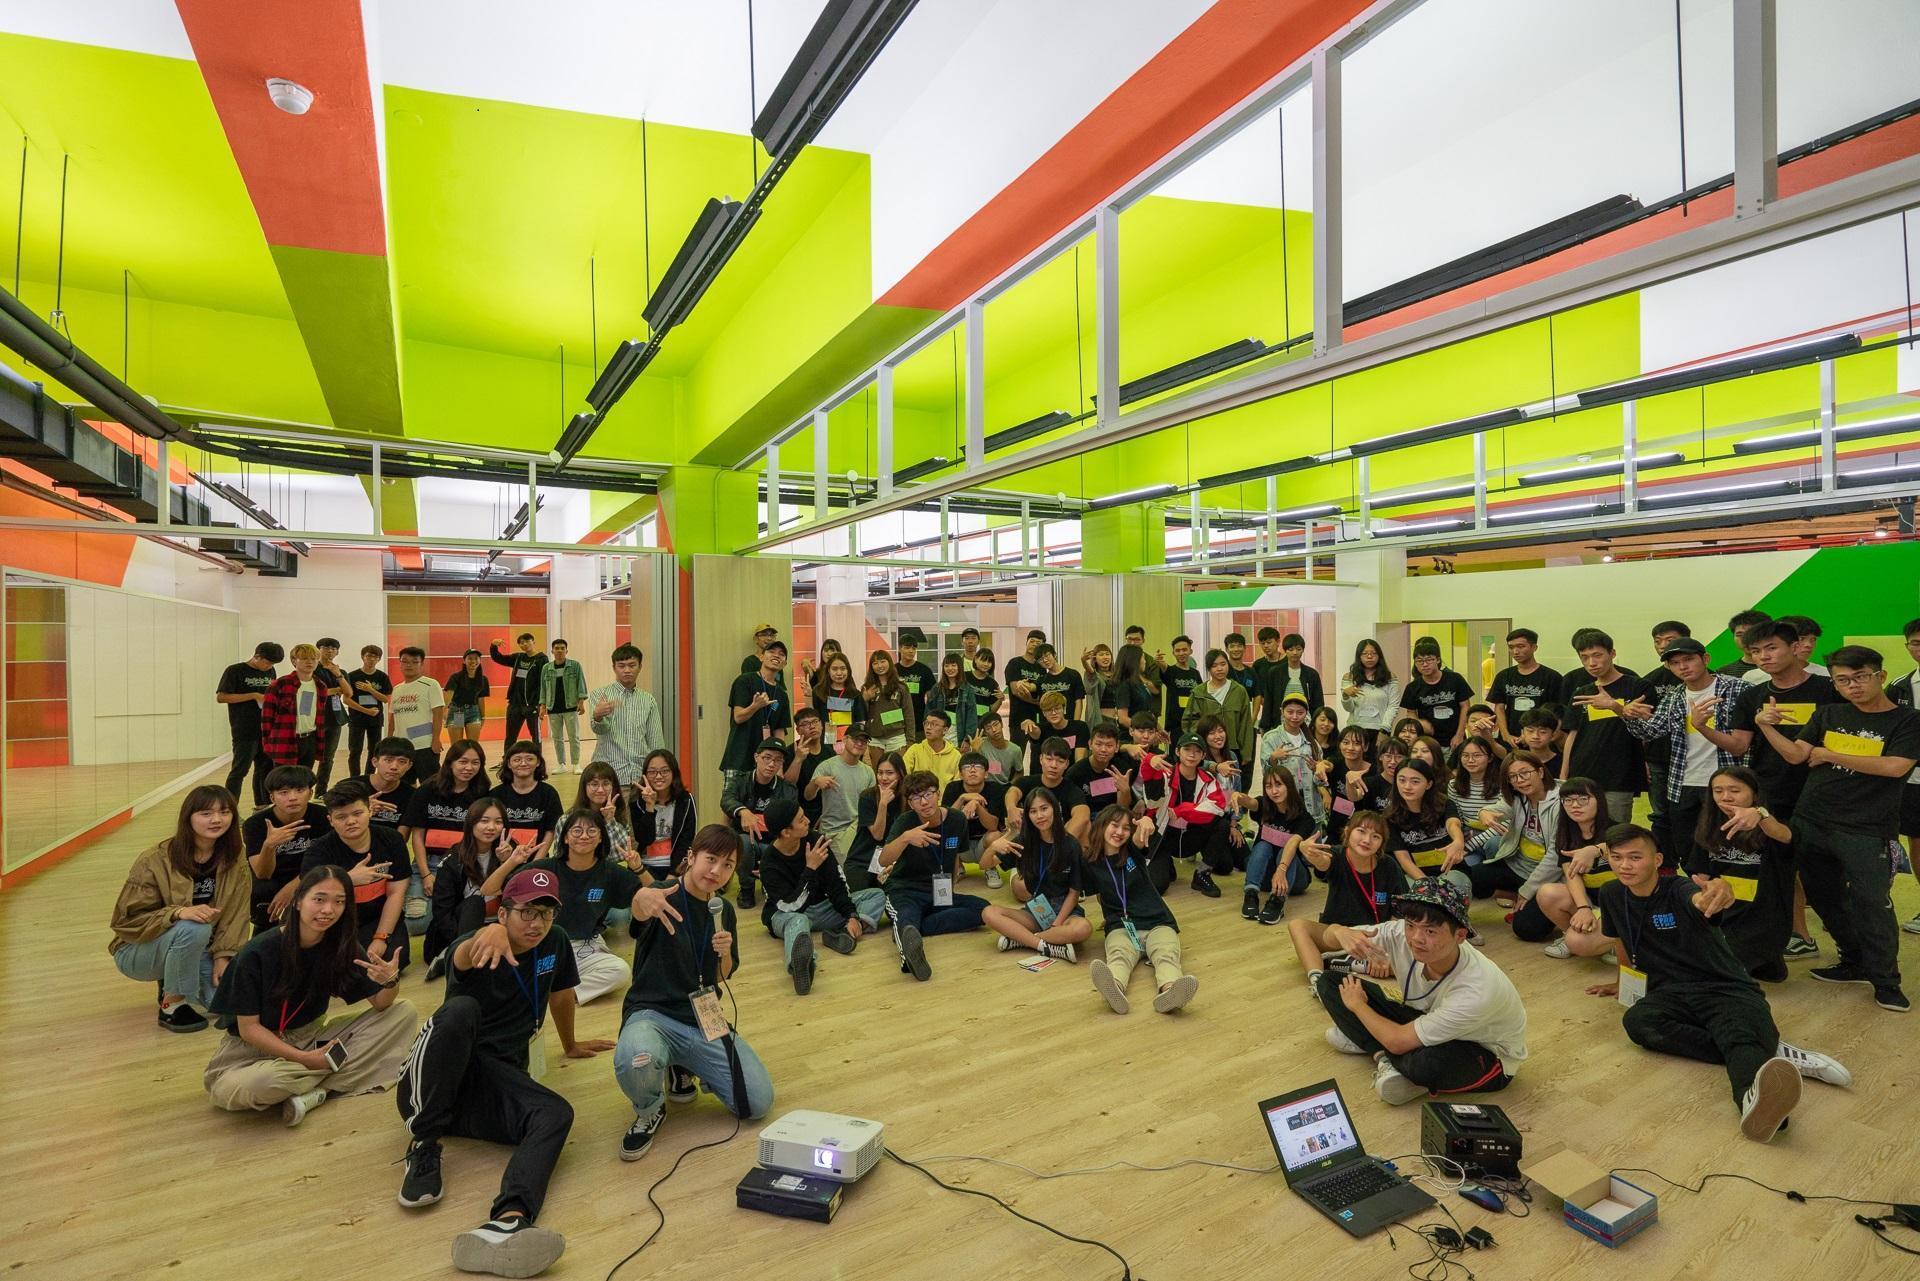 中原大學打造239坪「樂河源地」的社團活動空間,學生將個人充沛的體力及躍動的思想盡情發揮於此。.jpg